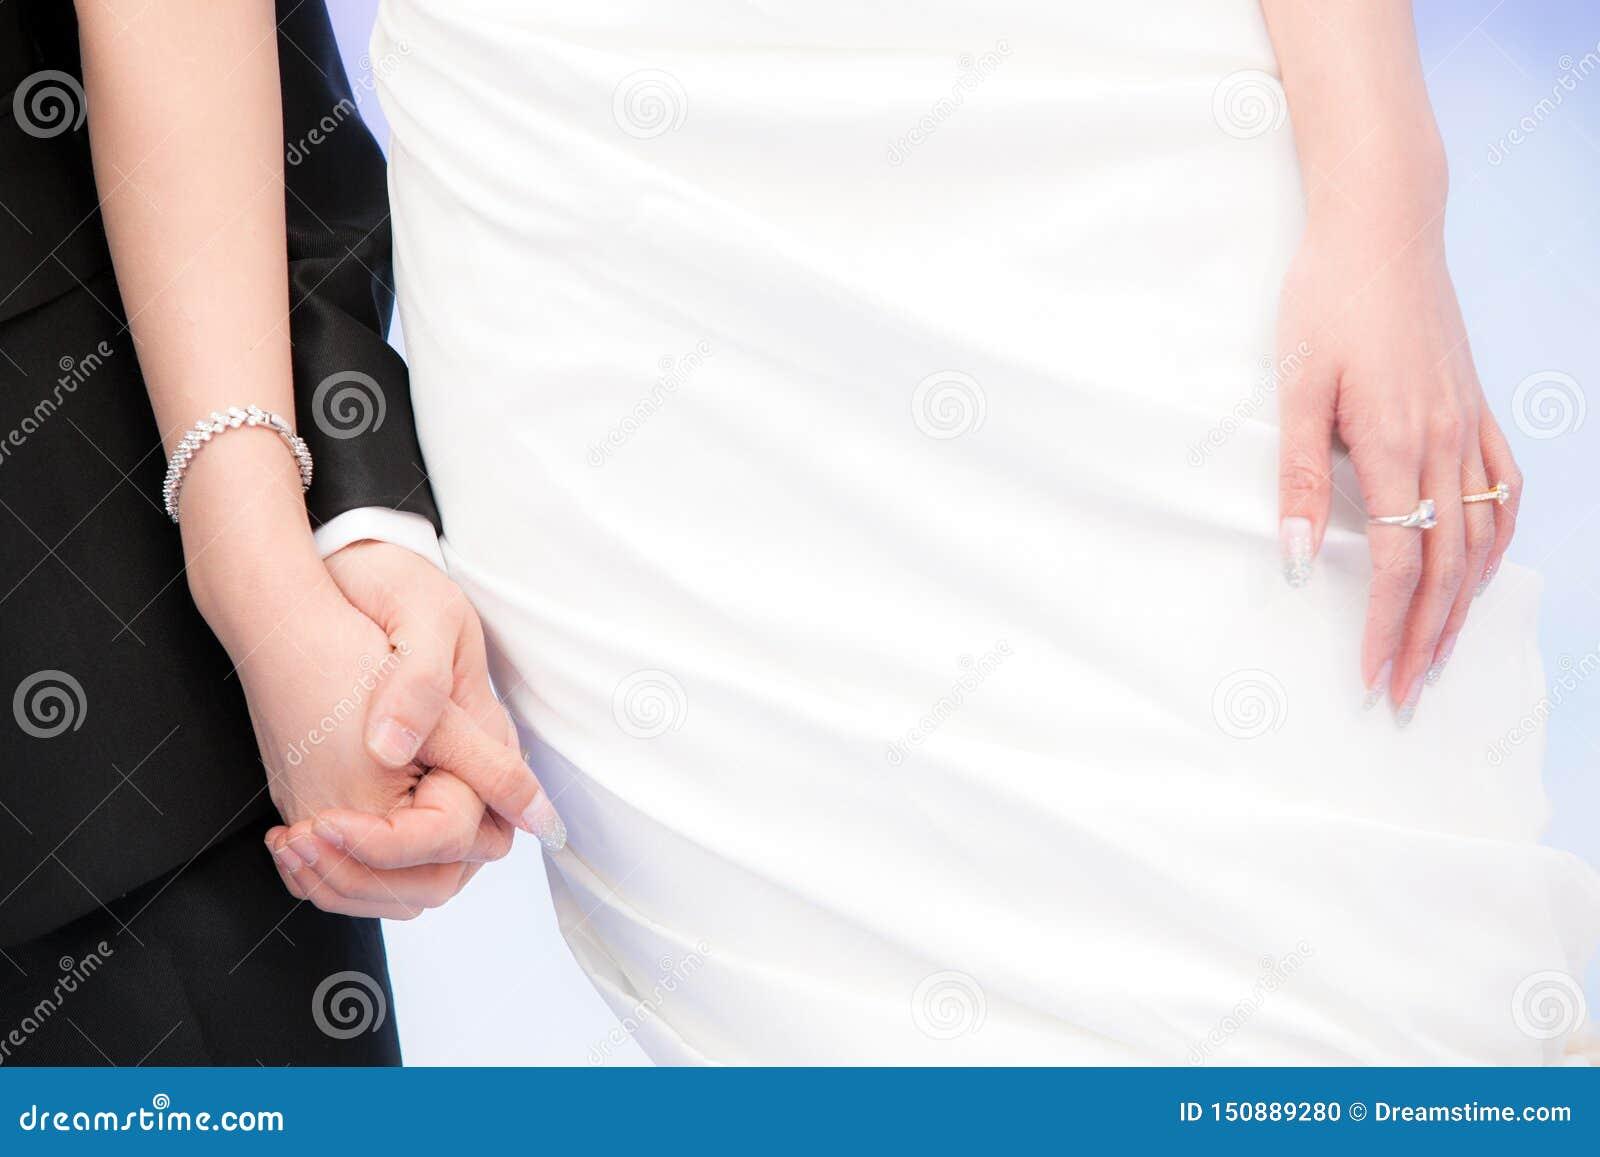 Χέρια εκμετάλλευσης νεόνυμφων και νυφών με τα δαχτυλίδια στα δάχτυλά τους